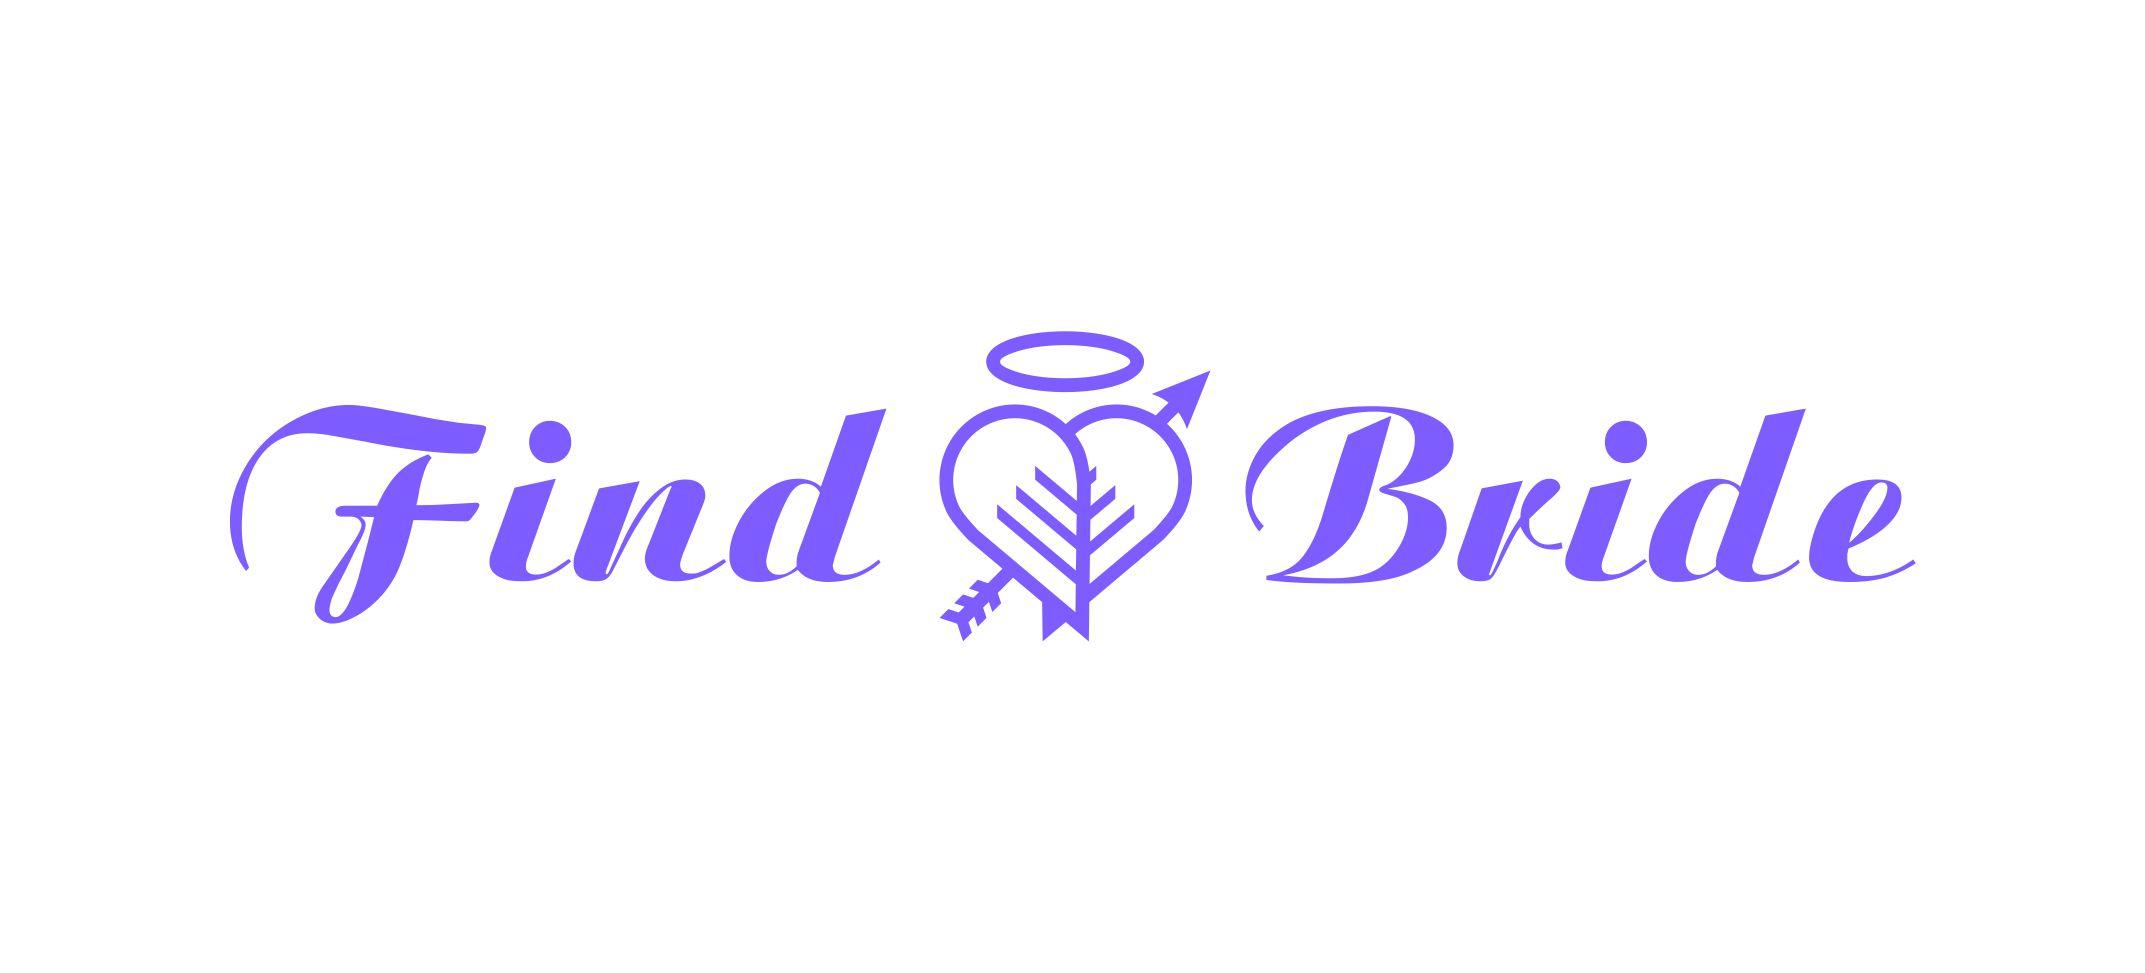 Нарисовать логотип сайта знакомств фото f_4805ad2f1d18c1f7.jpg